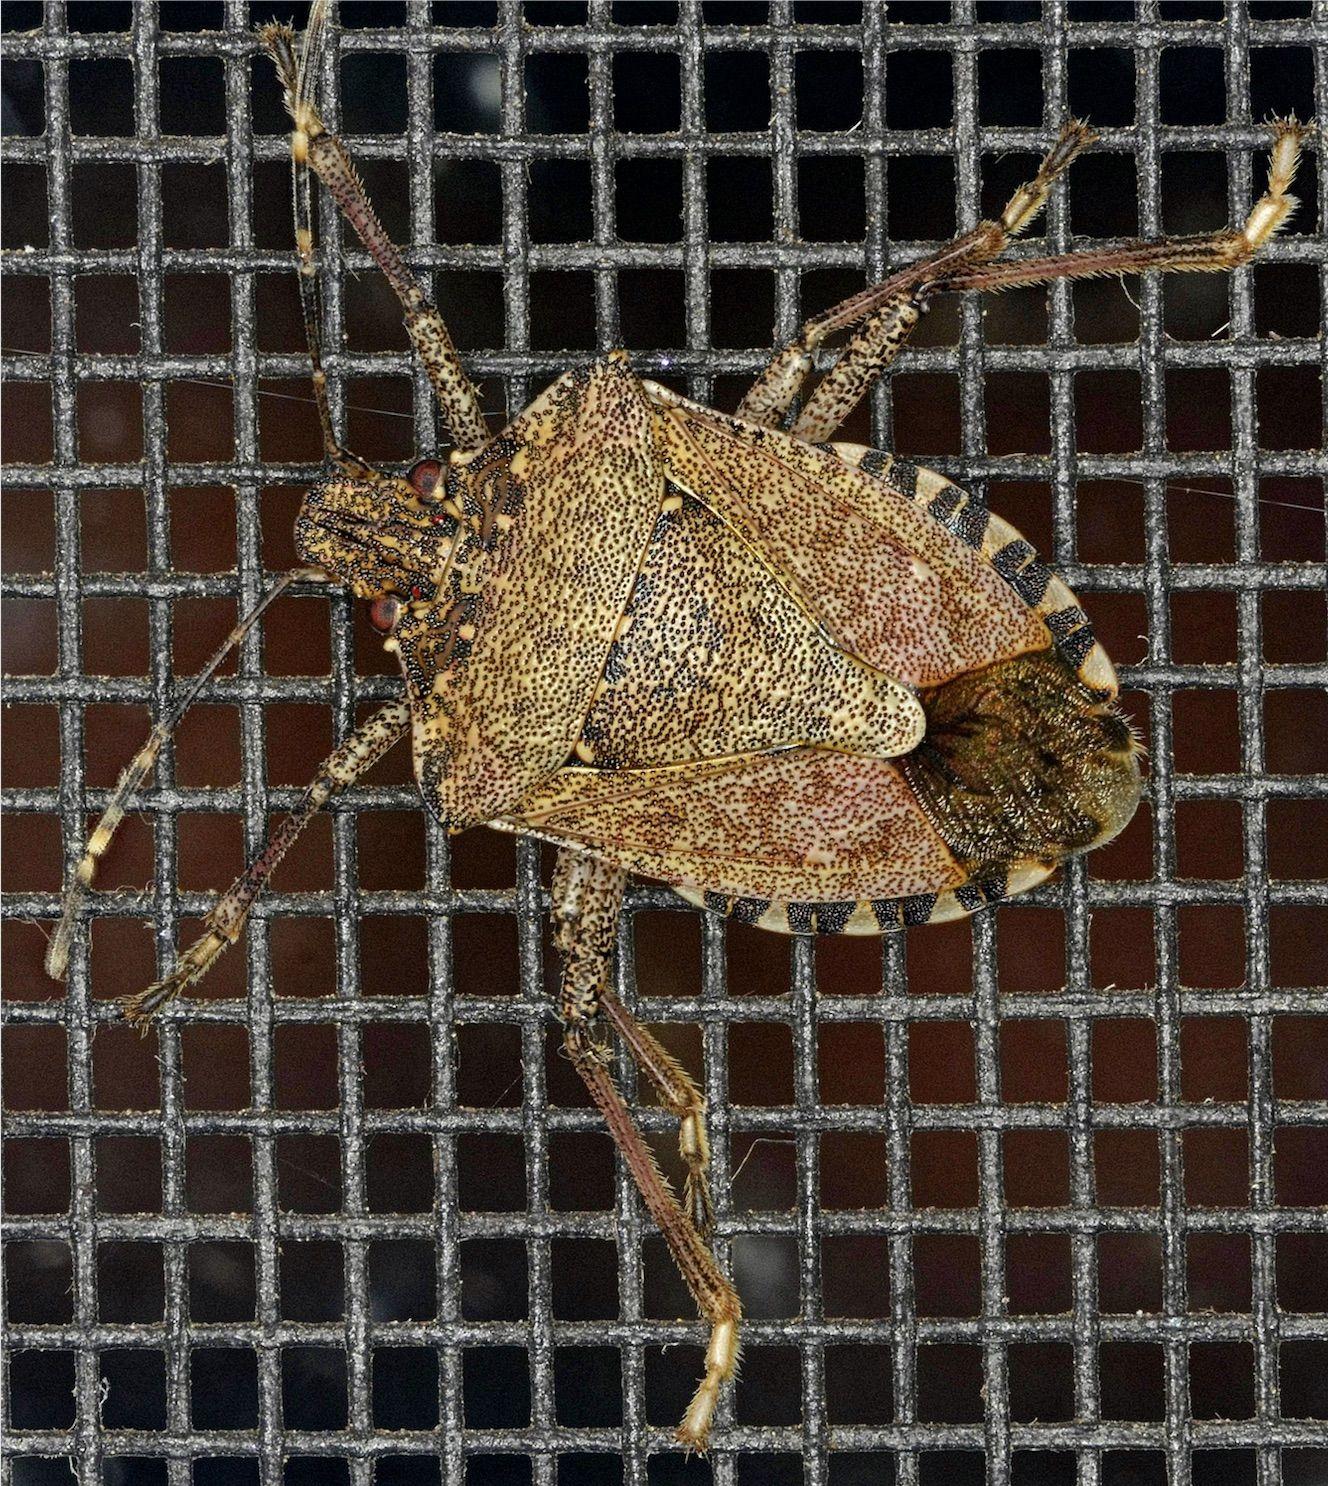 brown marmorated stink bug (Halyomorpha halys) Brown